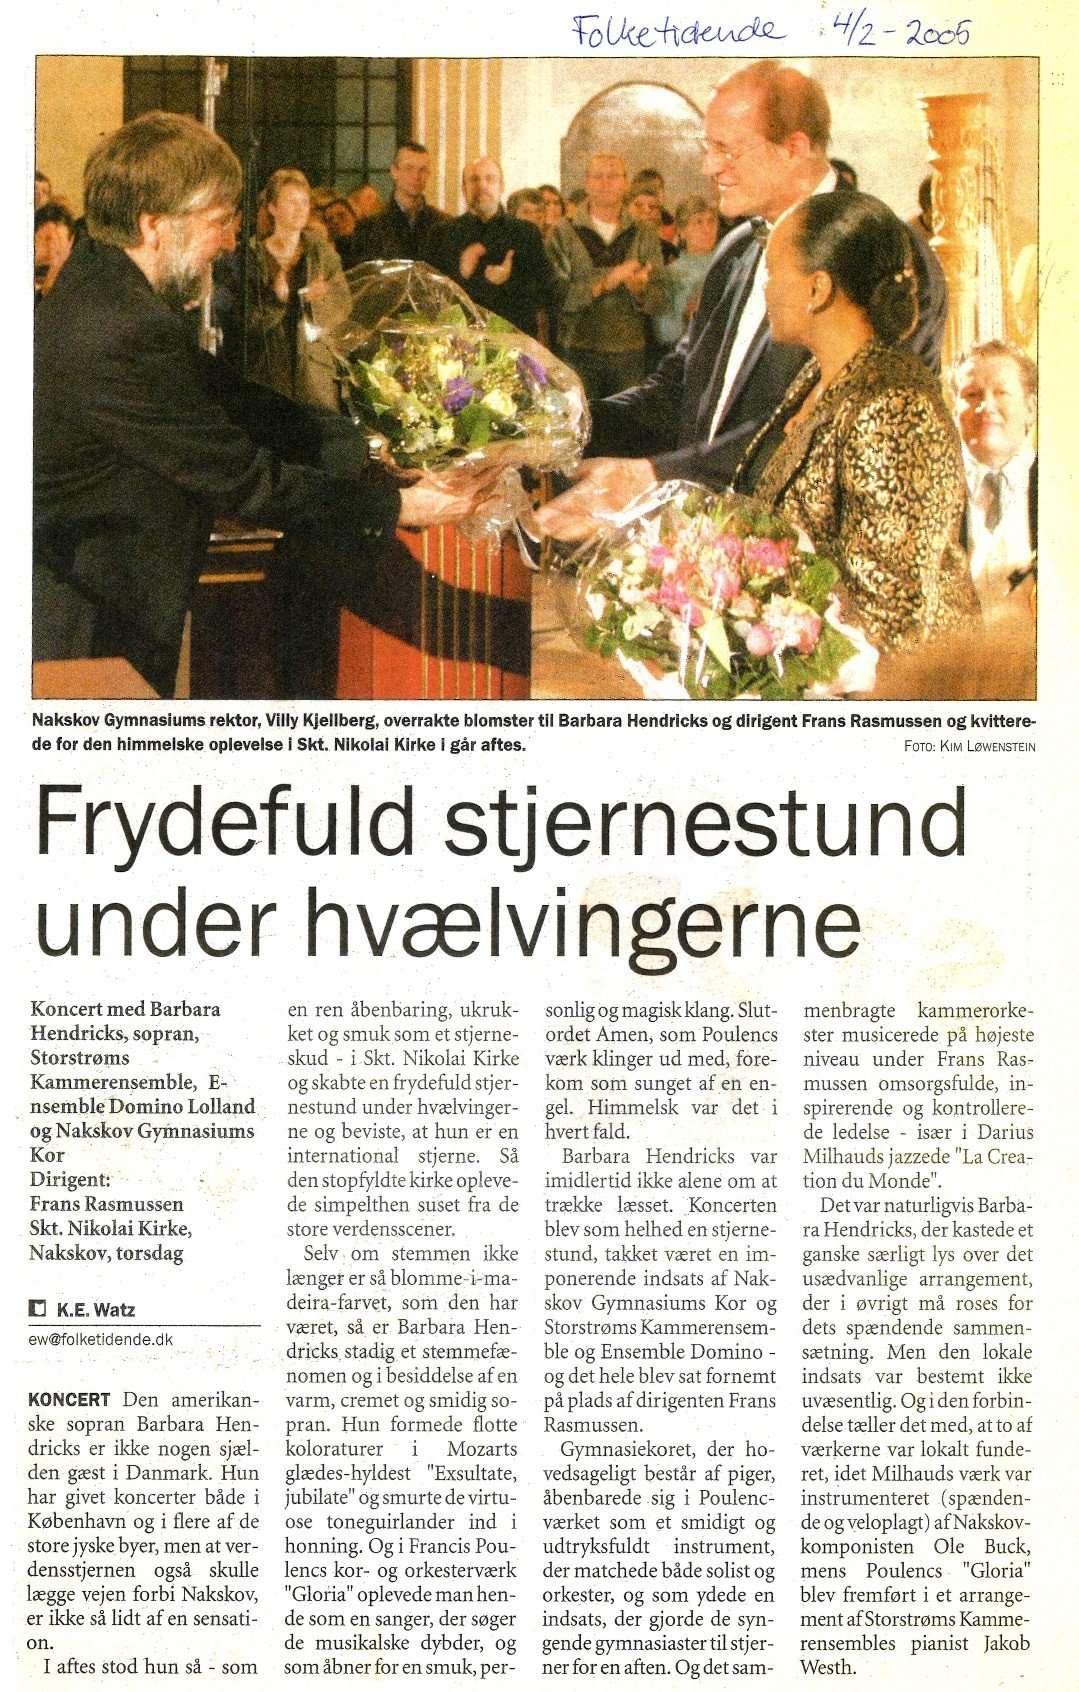 Anmeldelse i Folketidende, februar 2005